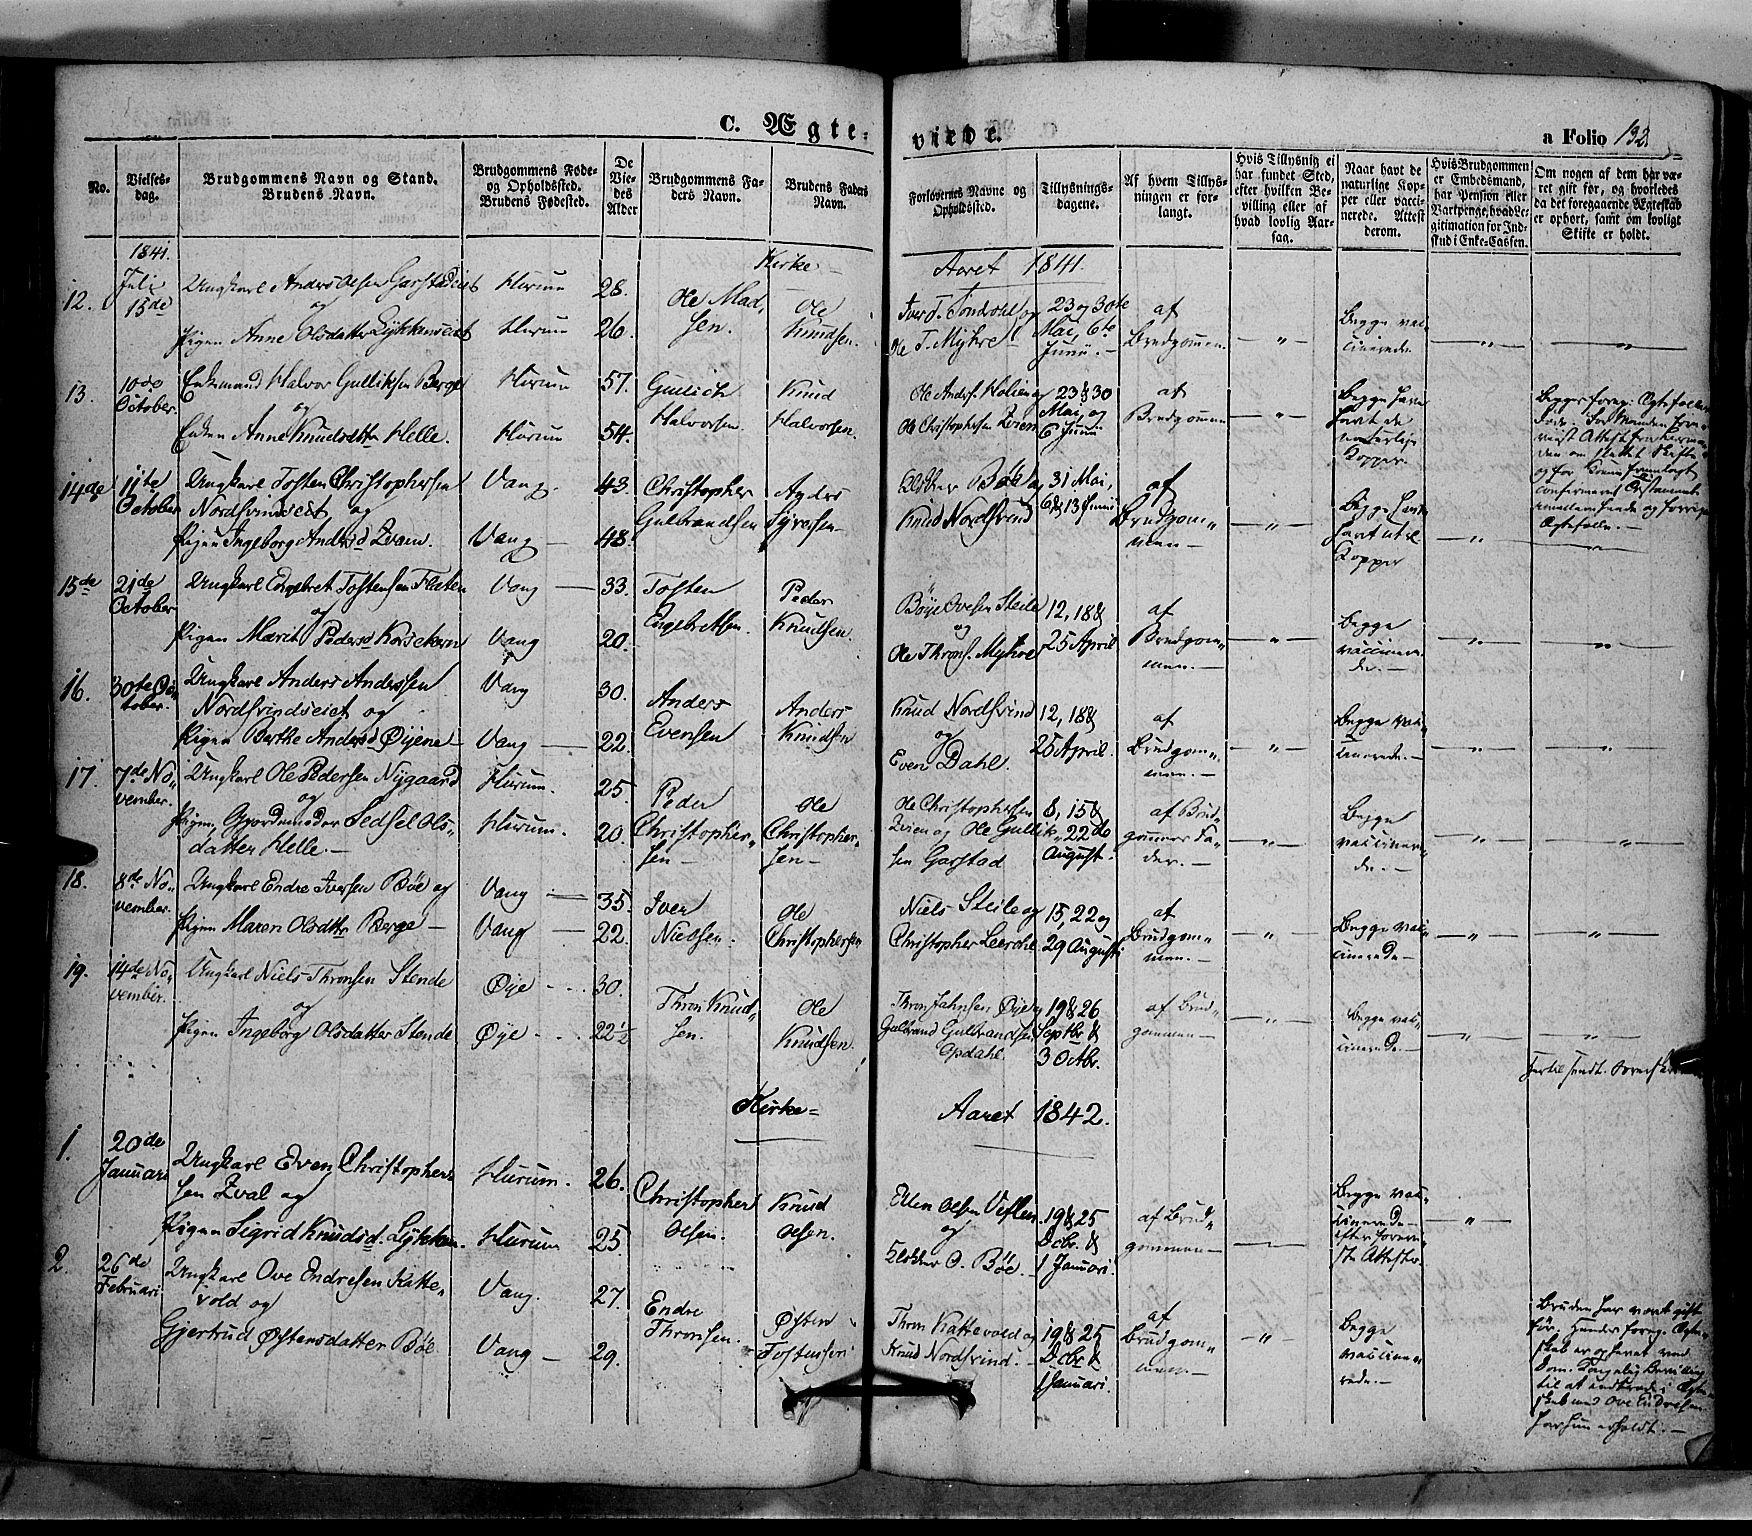 SAH, Vang prestekontor, Valdres, Ministerialbok nr. 5, 1831-1845, s. 132